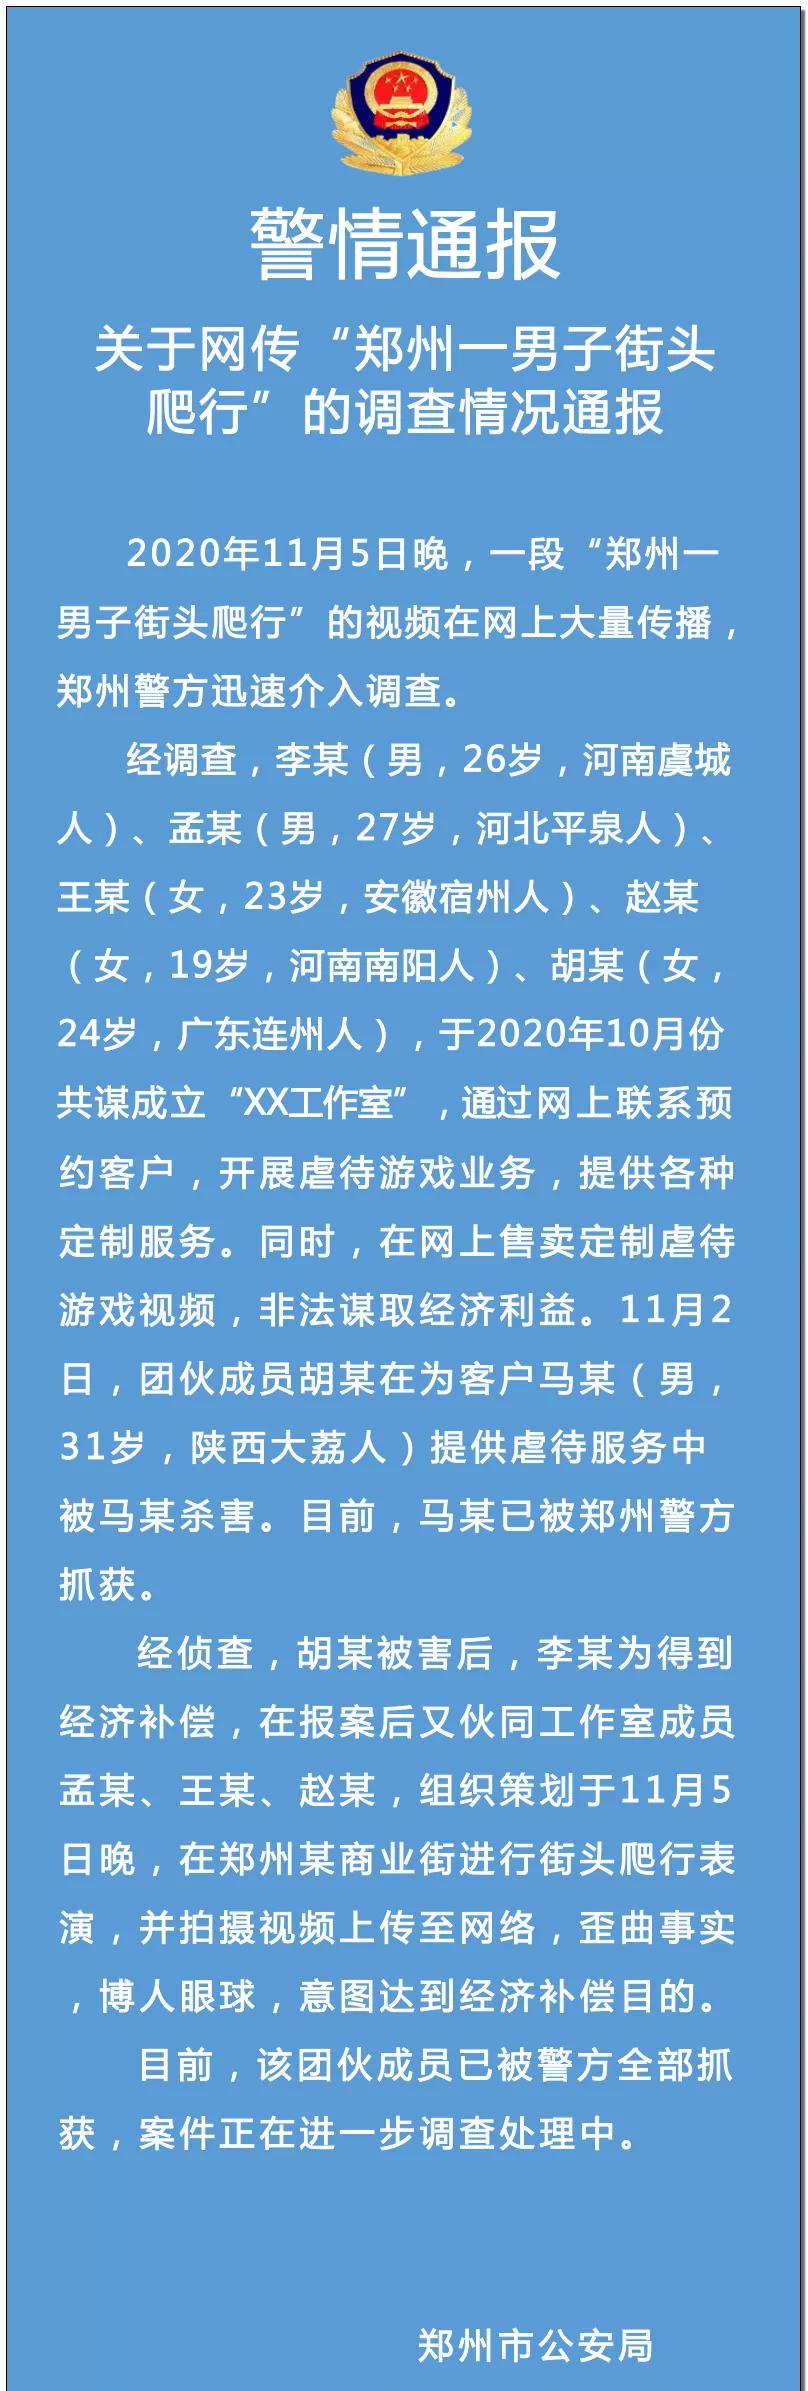 岳云鹏骗婚事件最新进展所谓私生女其实不过是来收智商税的!